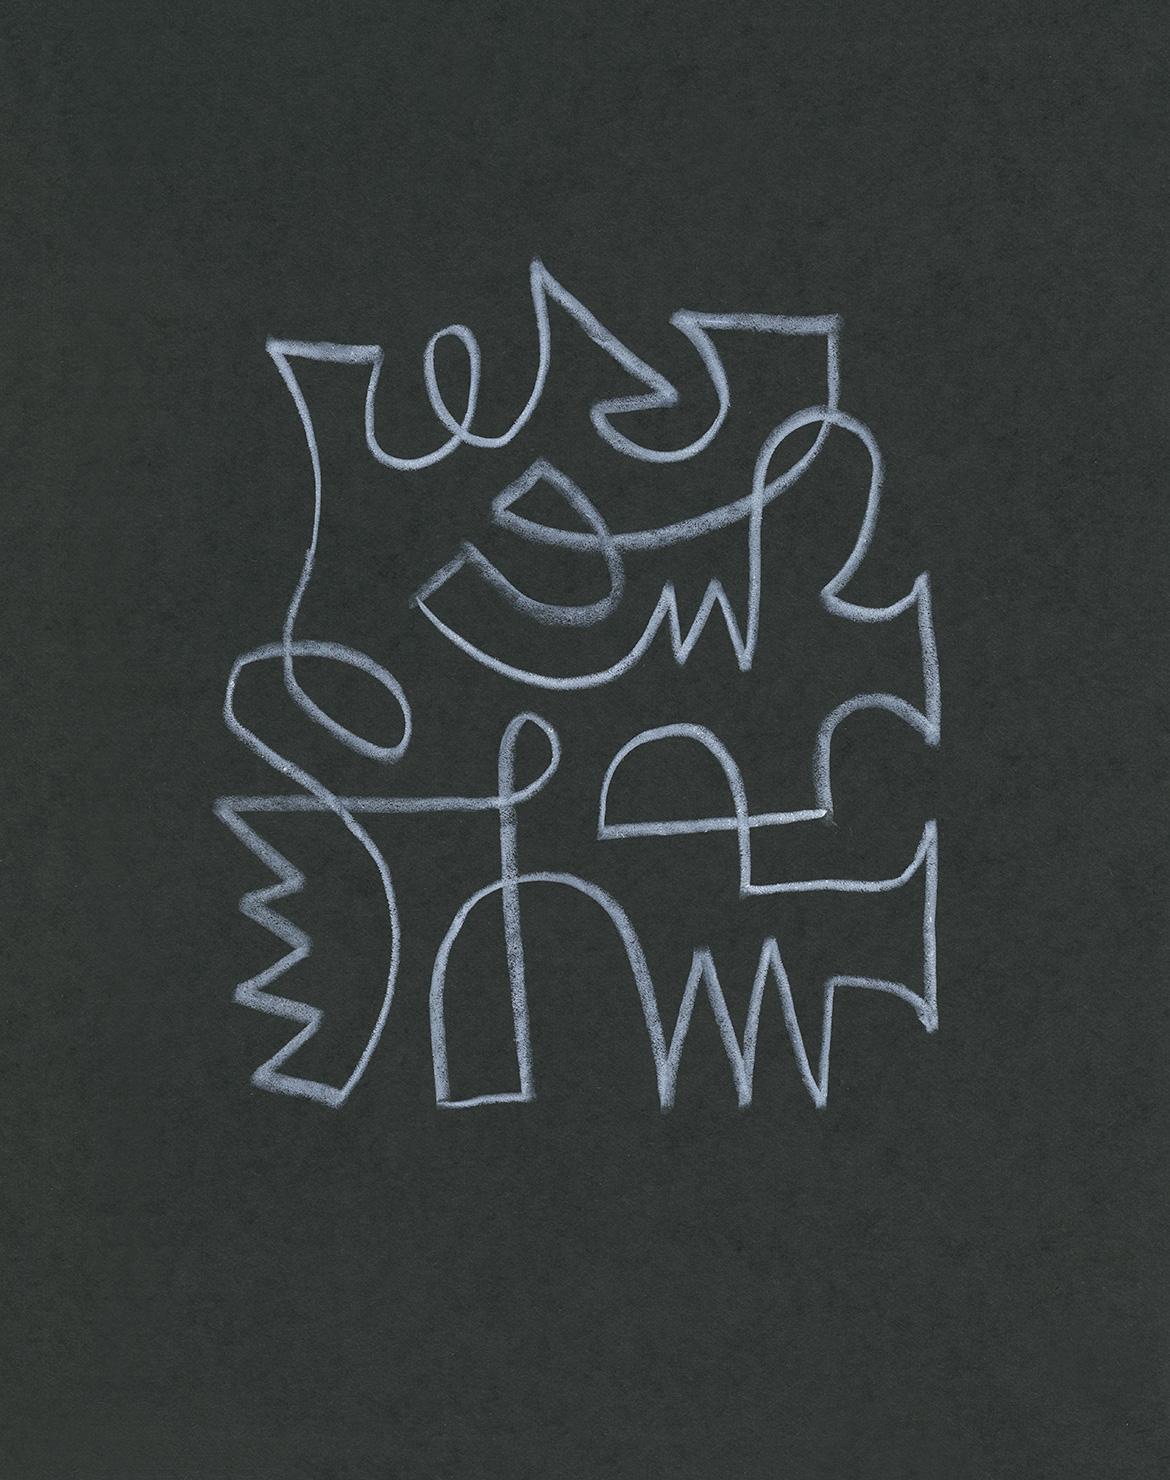 chadkouri-jazzmovementstudies-pitchforkreview-scan3